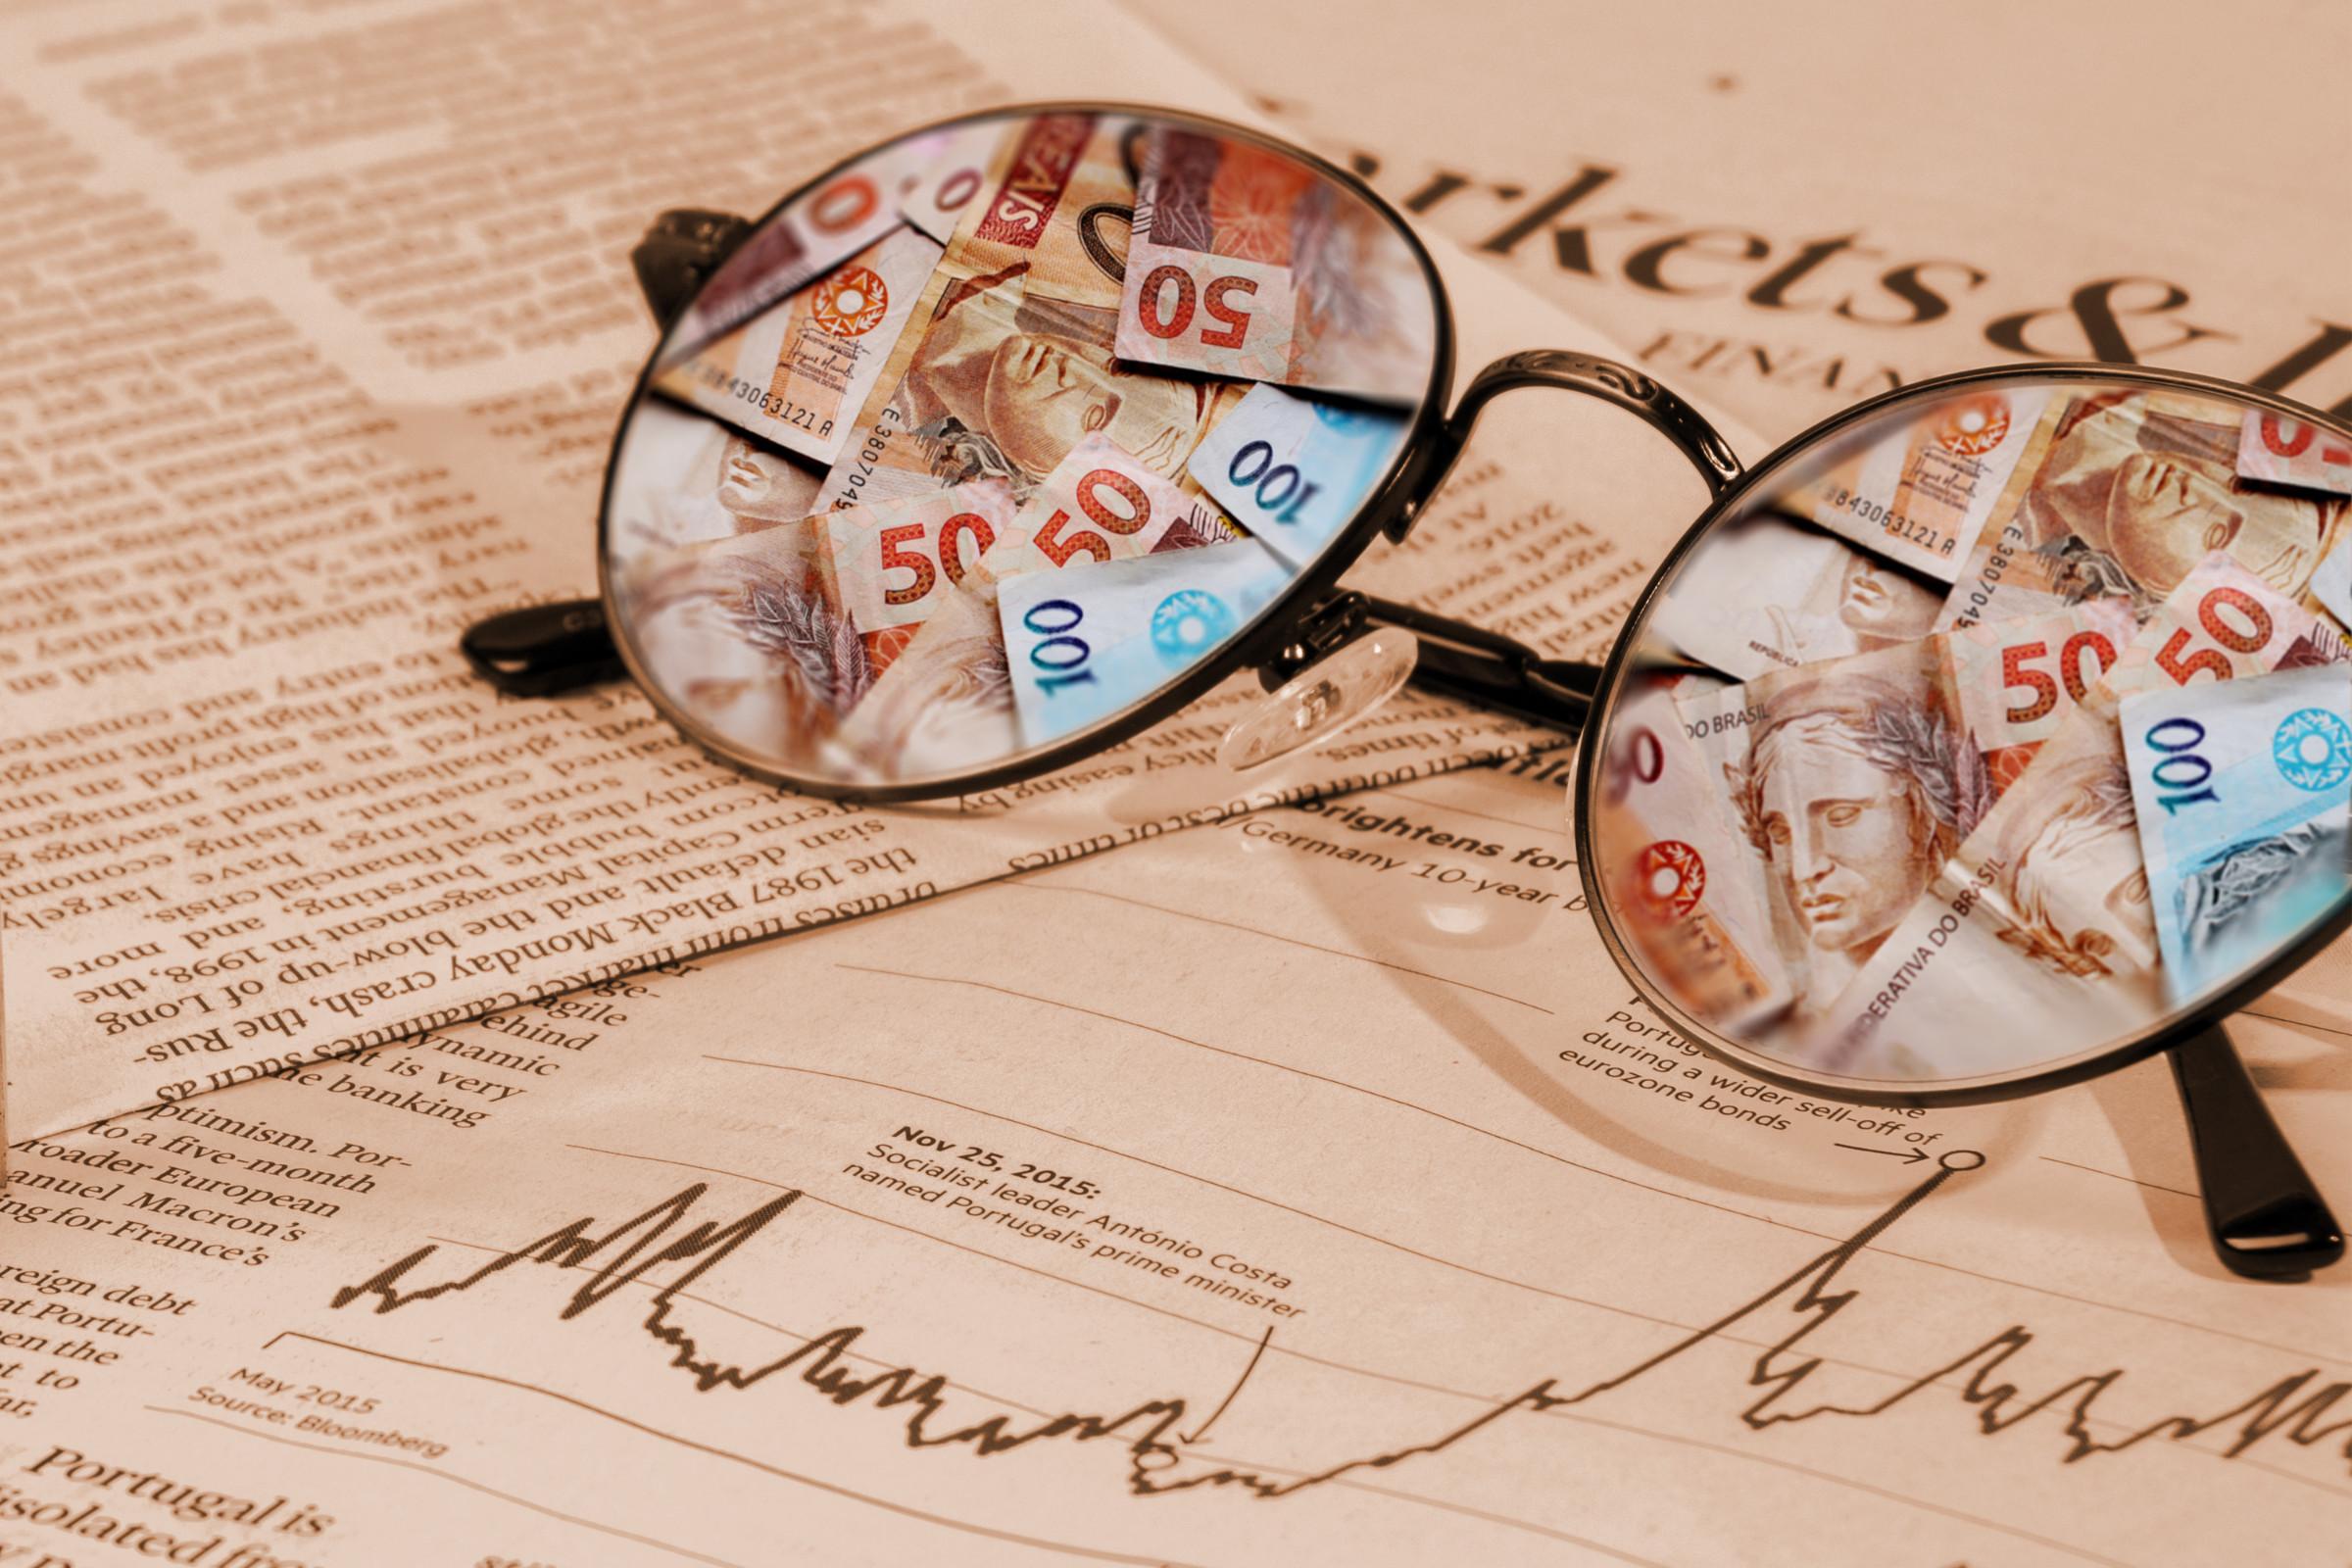 cmc markets 如何入金?cmc markets入金的具体渠道是什么?